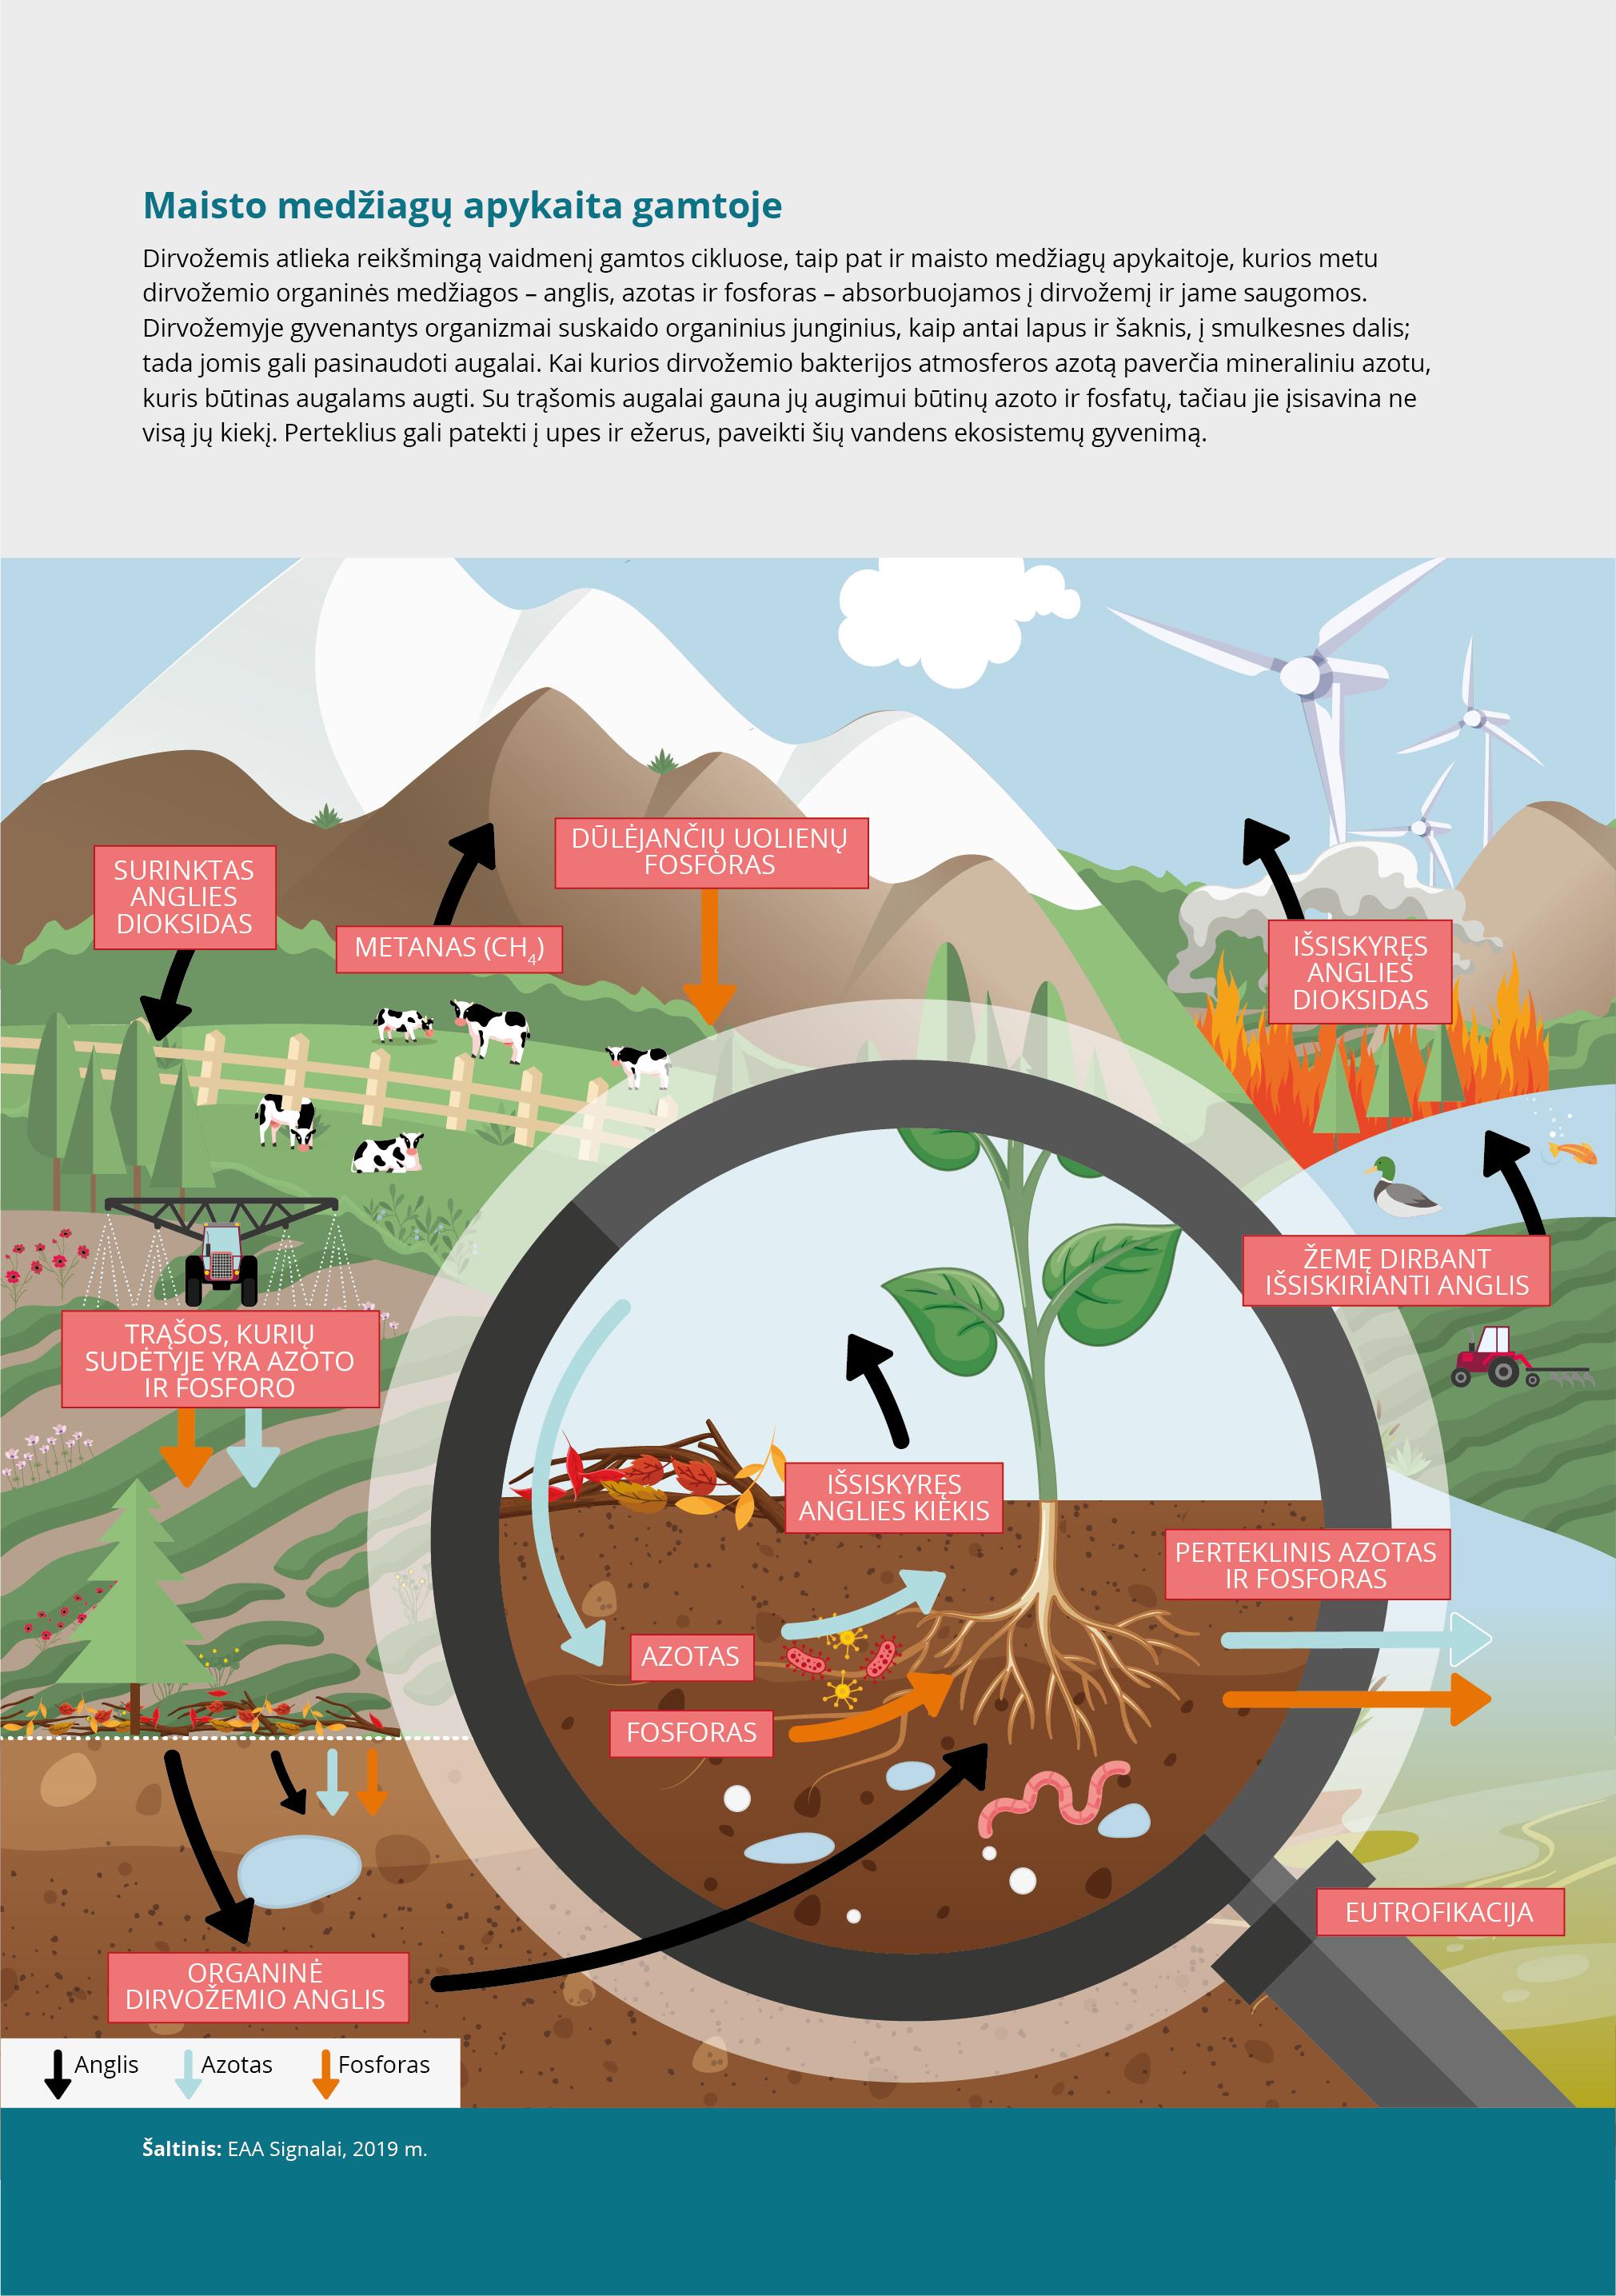 Maisto medžiagų apykaita gamtoje